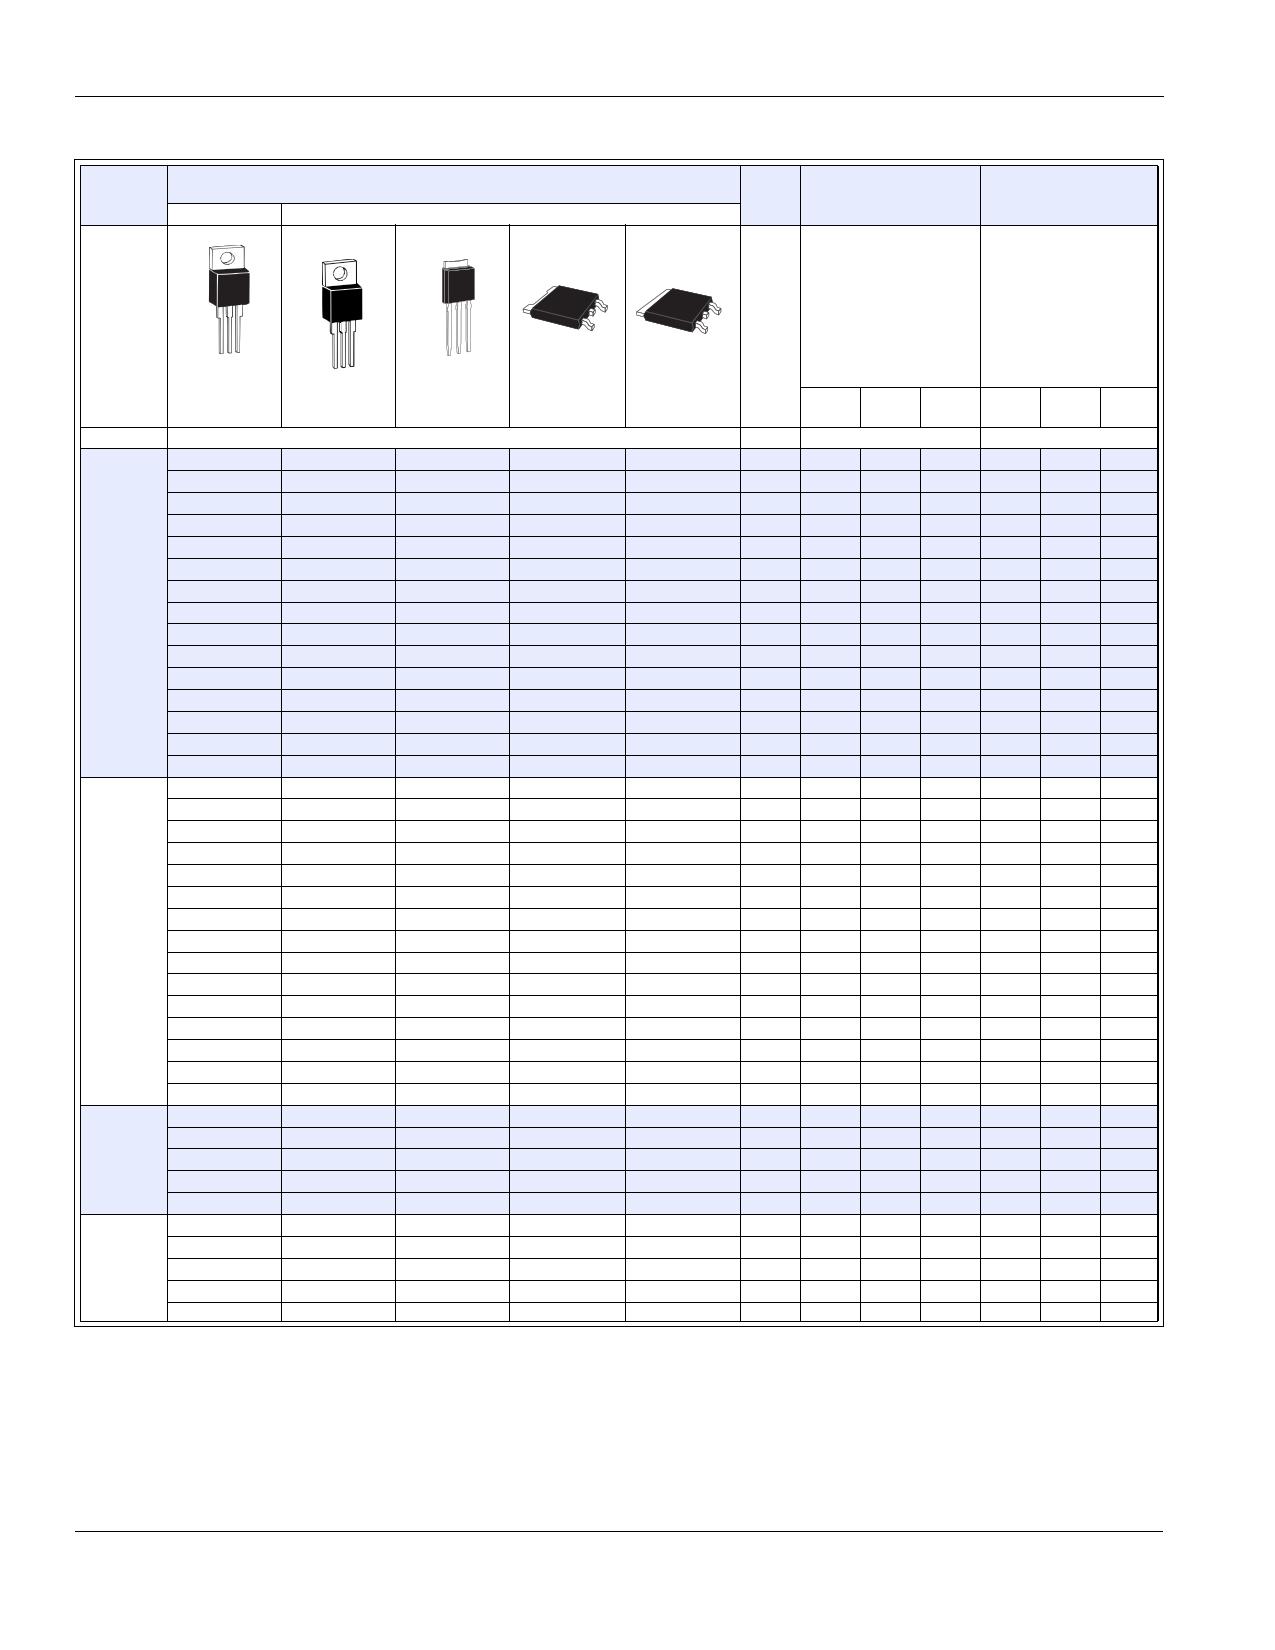 Q2008RH4 pdf, schematic